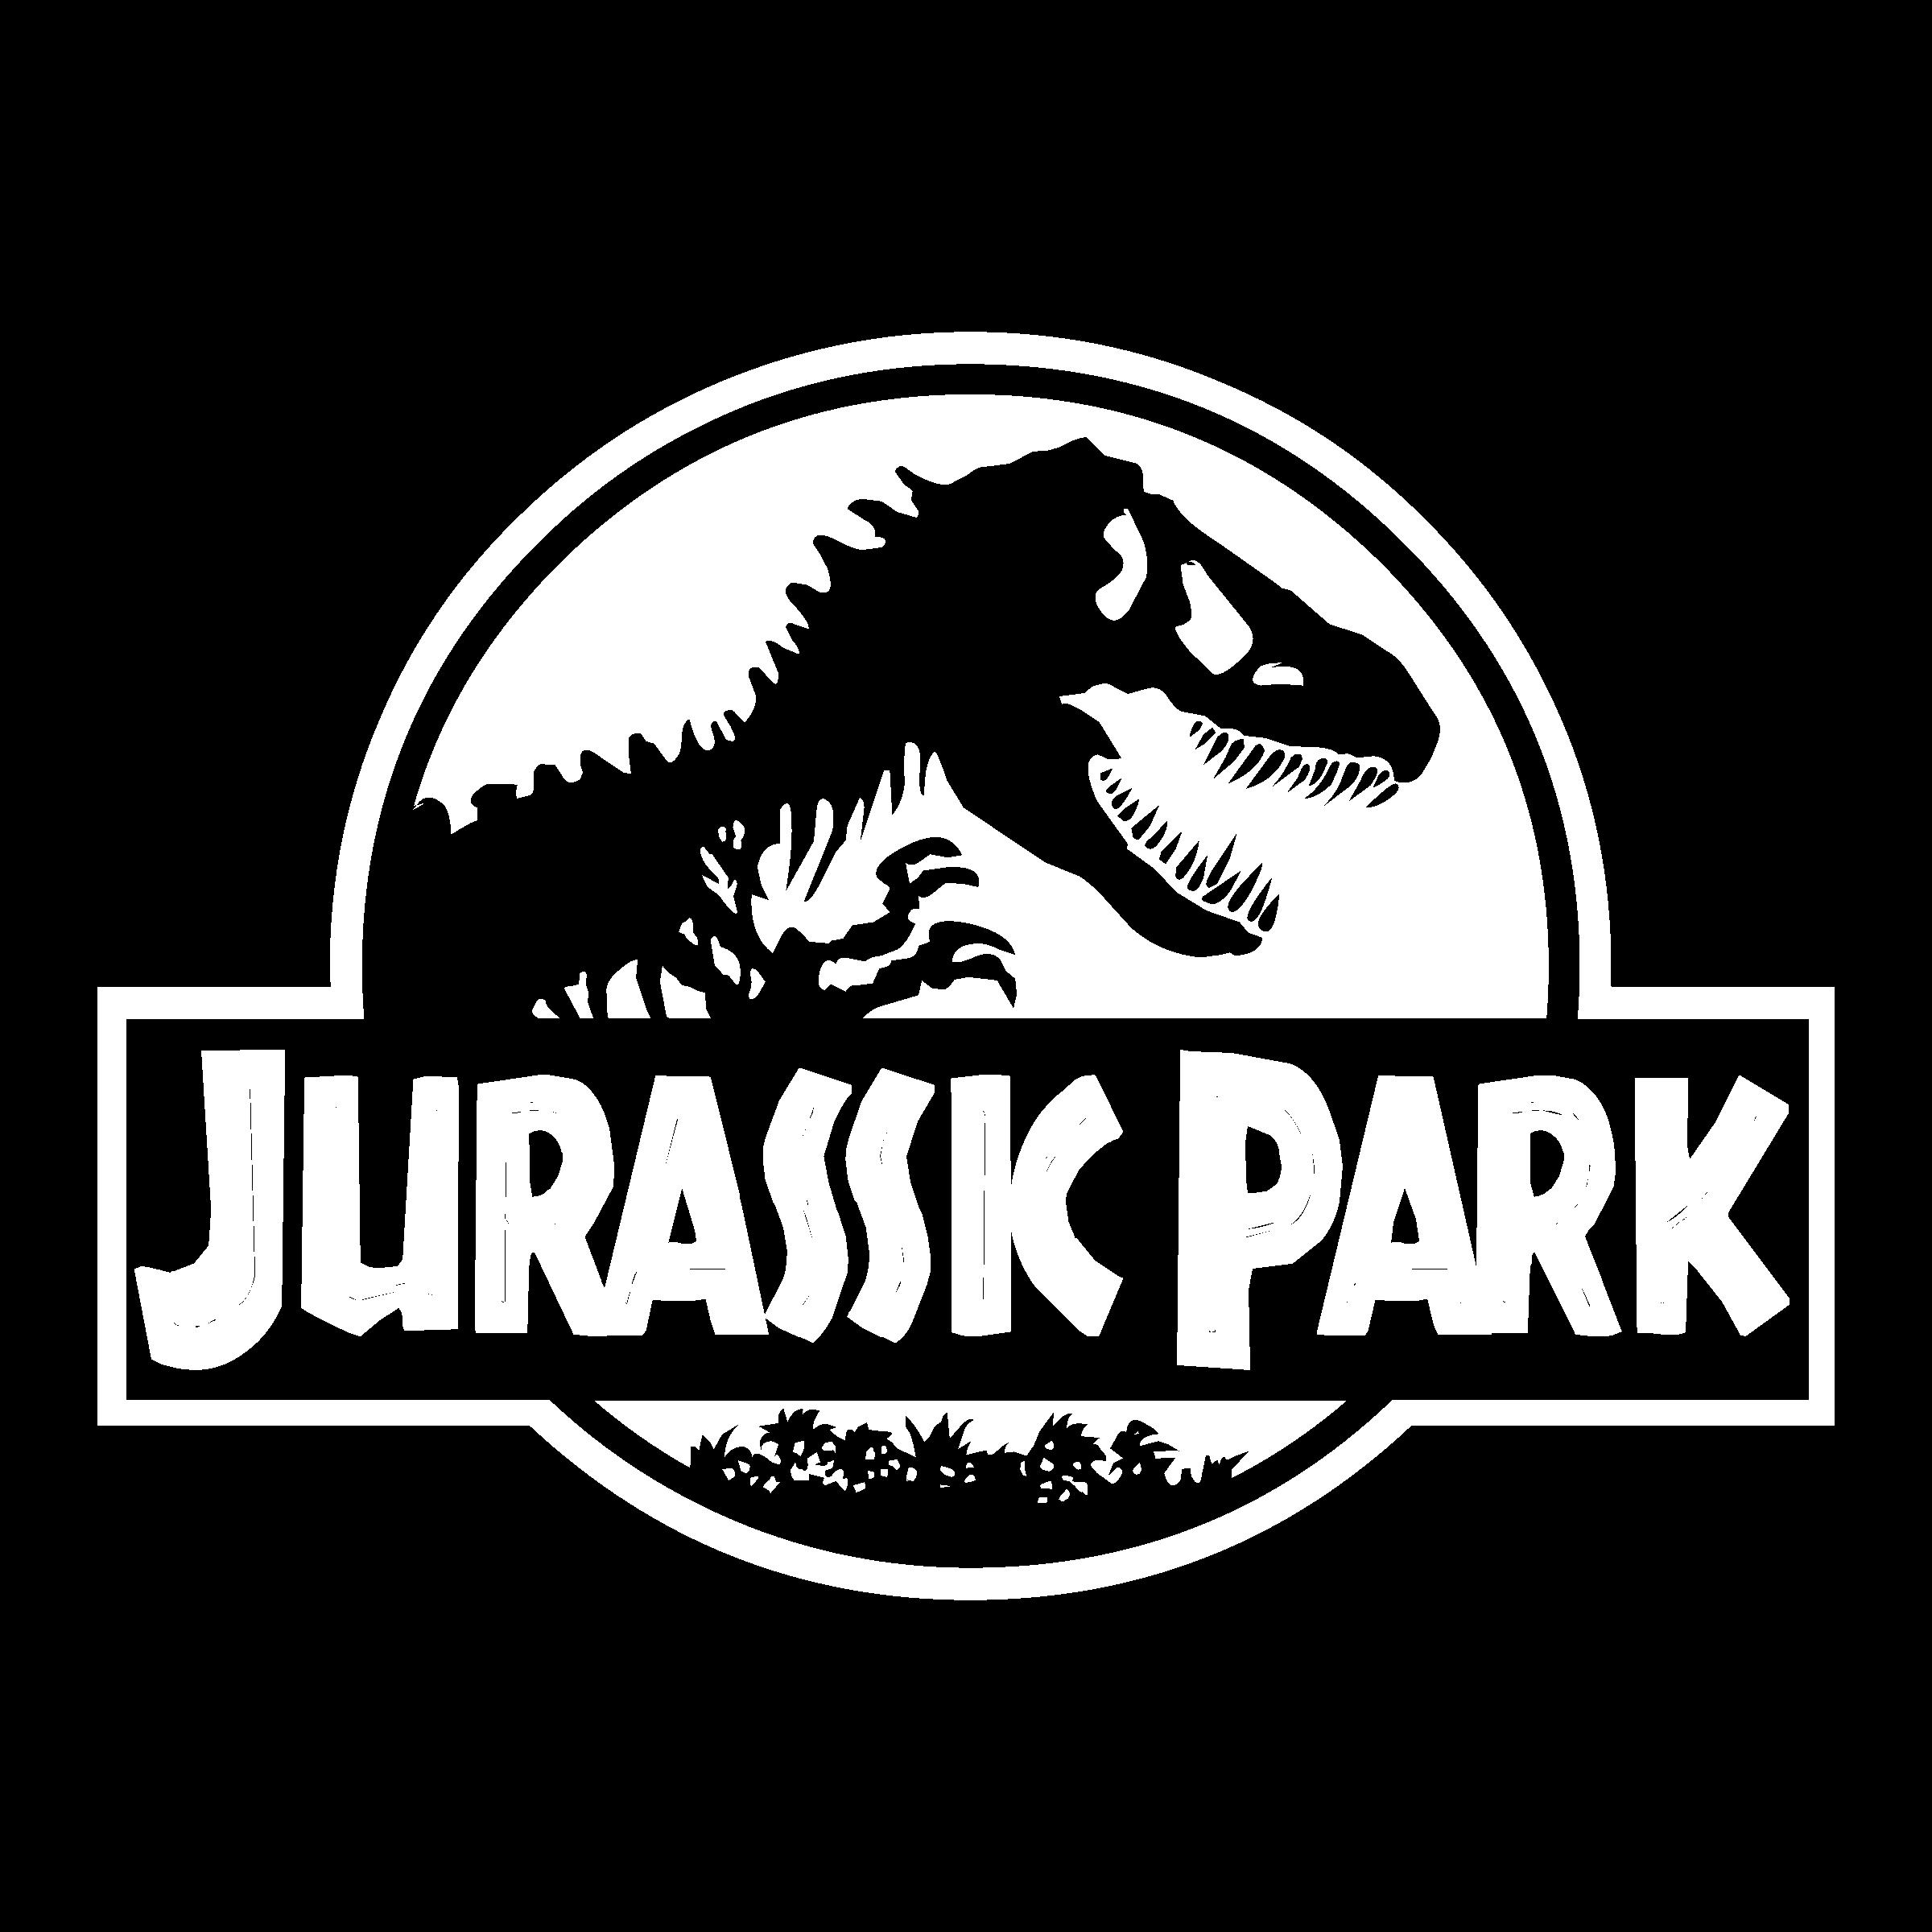 Jurassic Park Logo Black And White